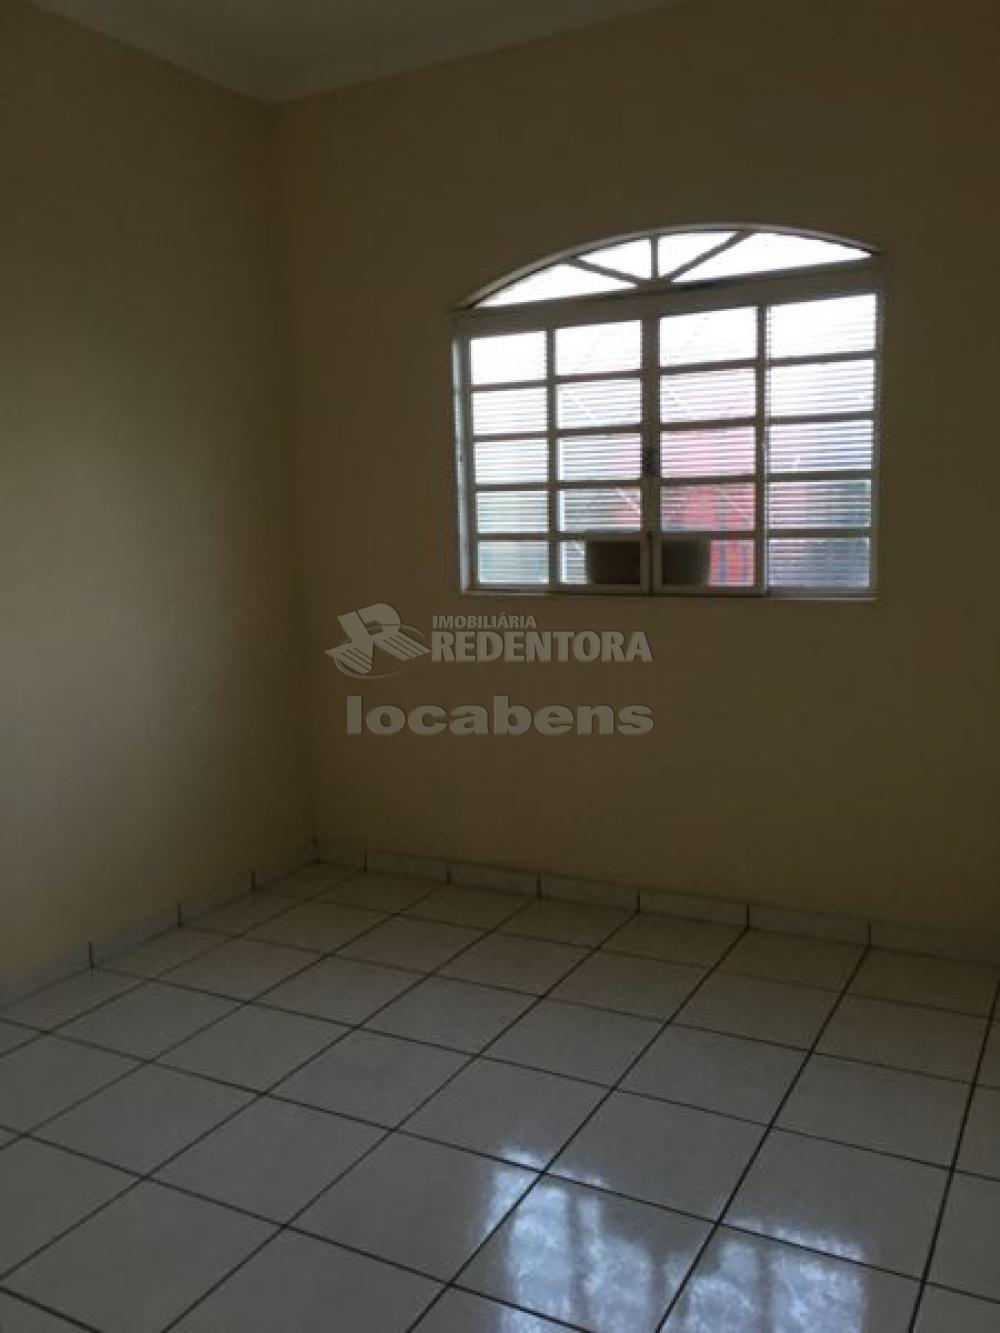 Sao Jose do Rio Preto Casa Venda R$350.000,00 3 Dormitorios 2 Vagas Area do terreno 129.00m2 Area construida 102.00m2